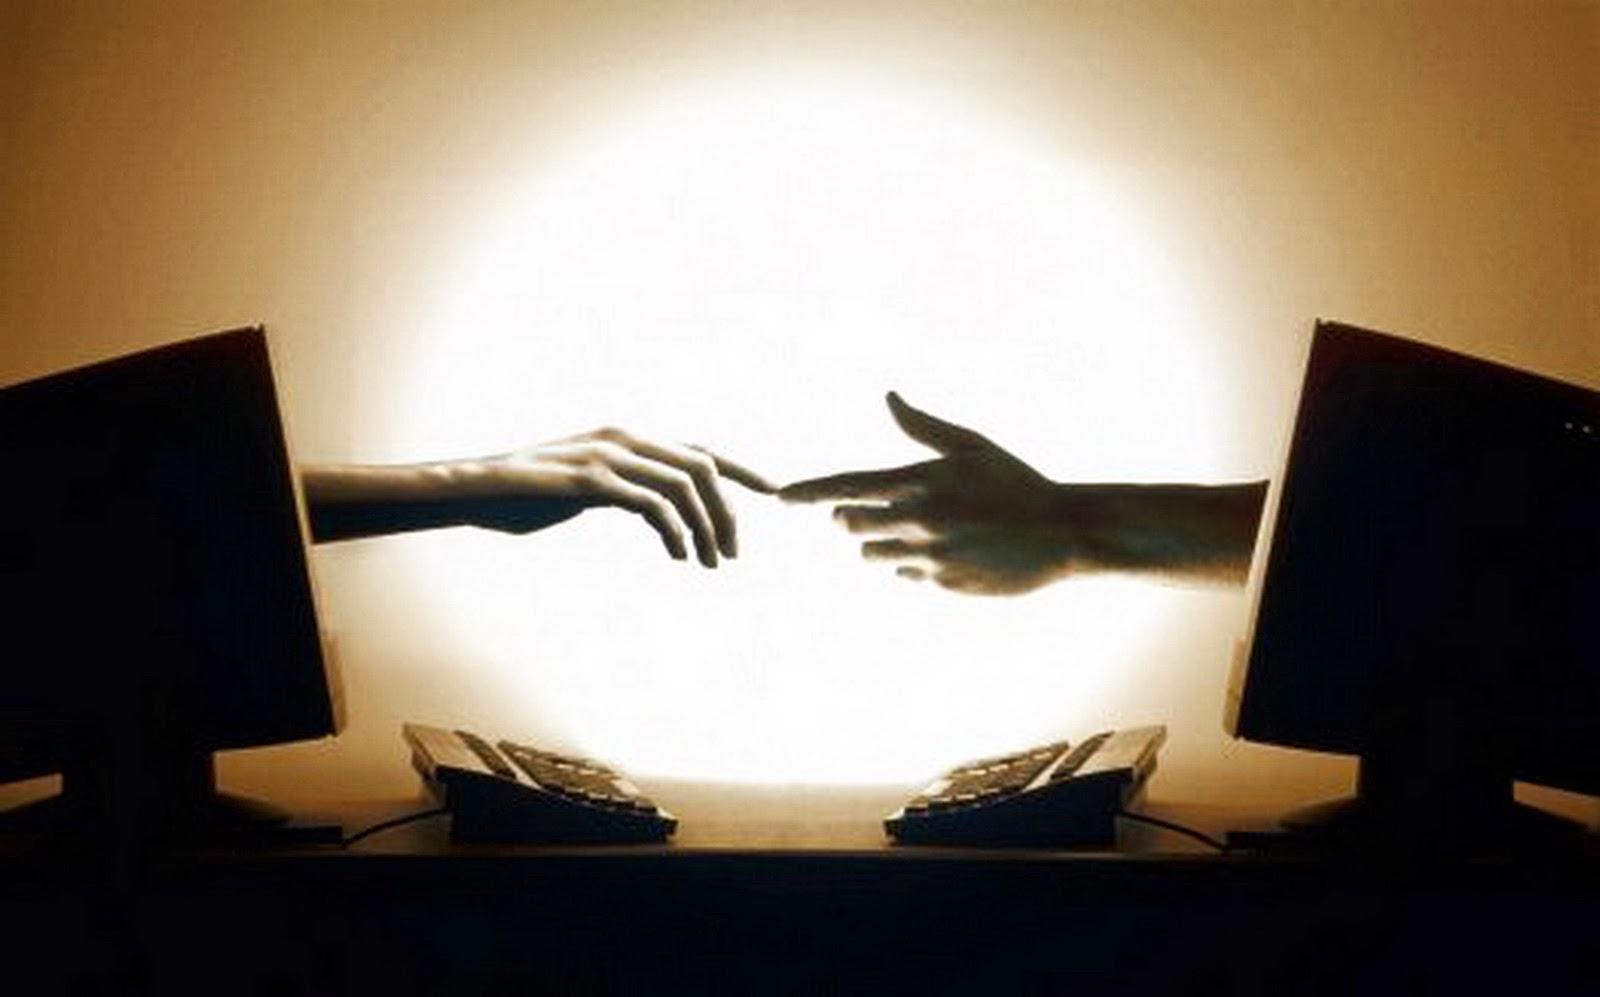 Обьяснить что значит виртуальный секс